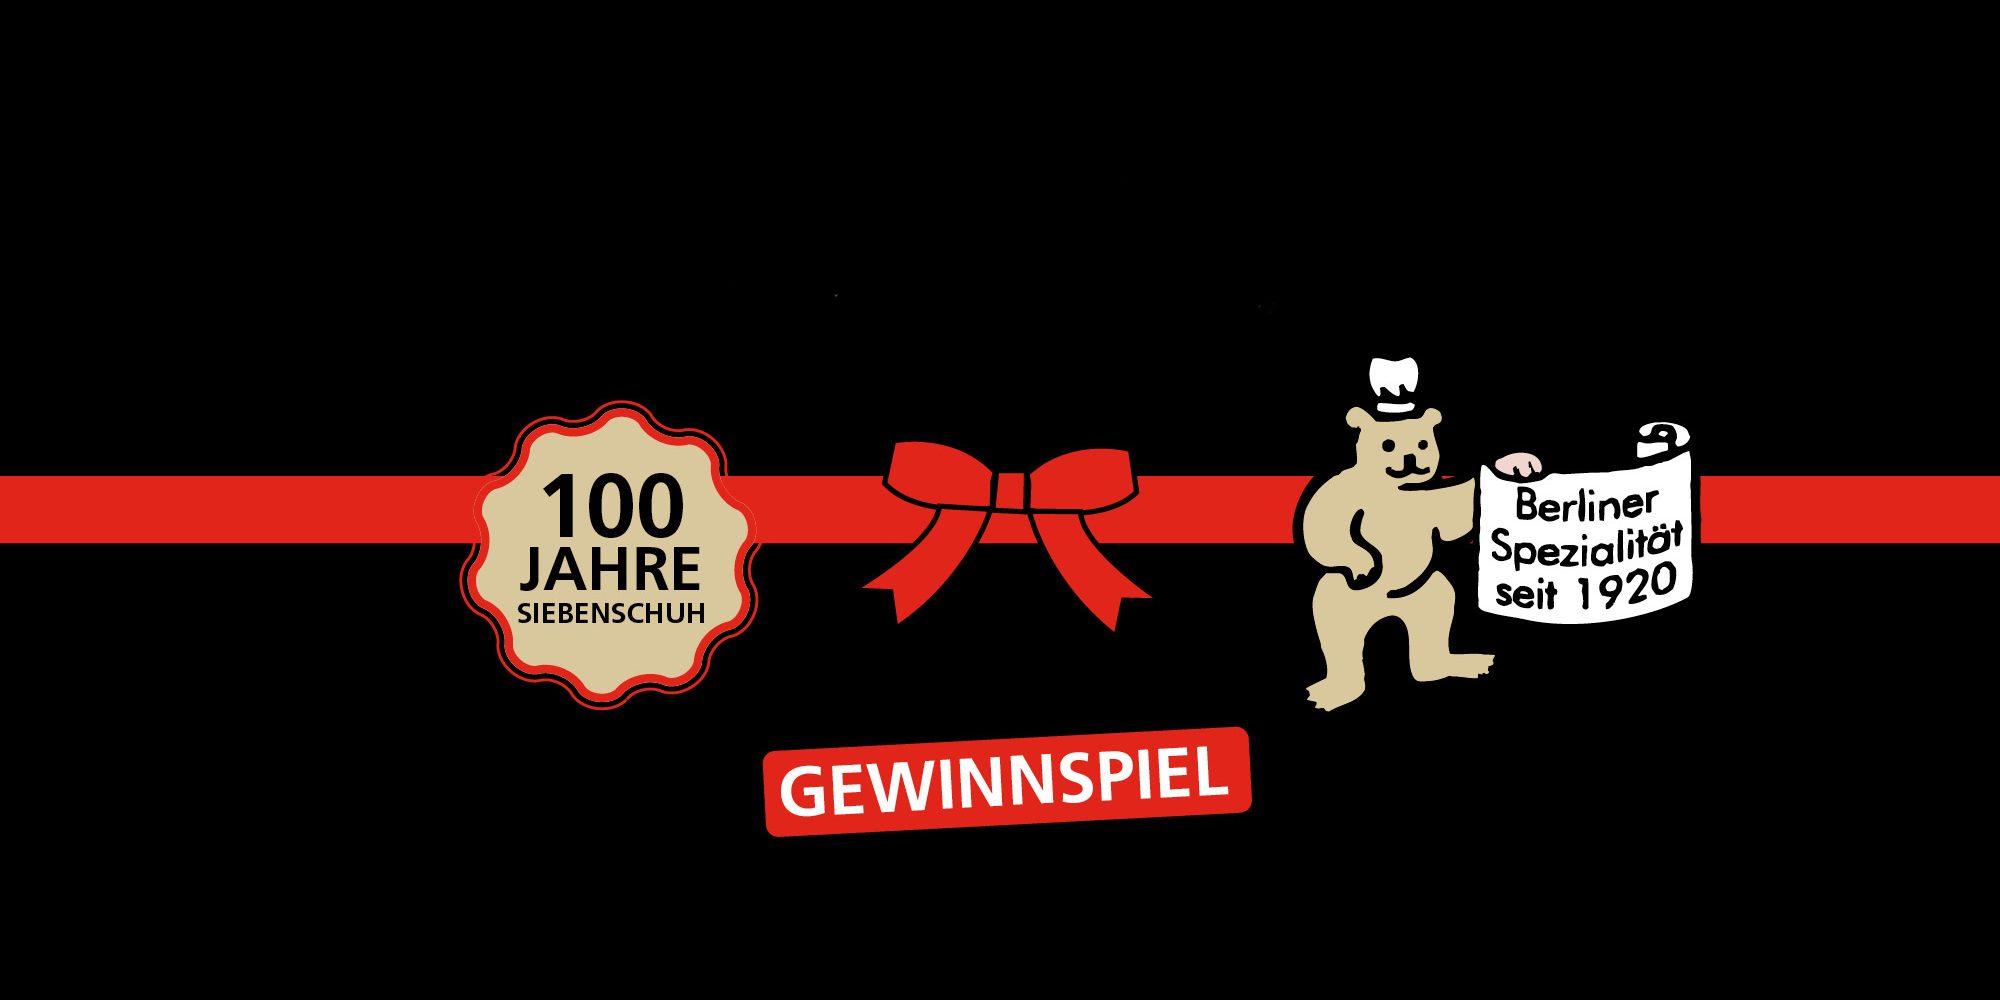 Siebenschuh_Gewinnspiel_slider2_website_2000x1039